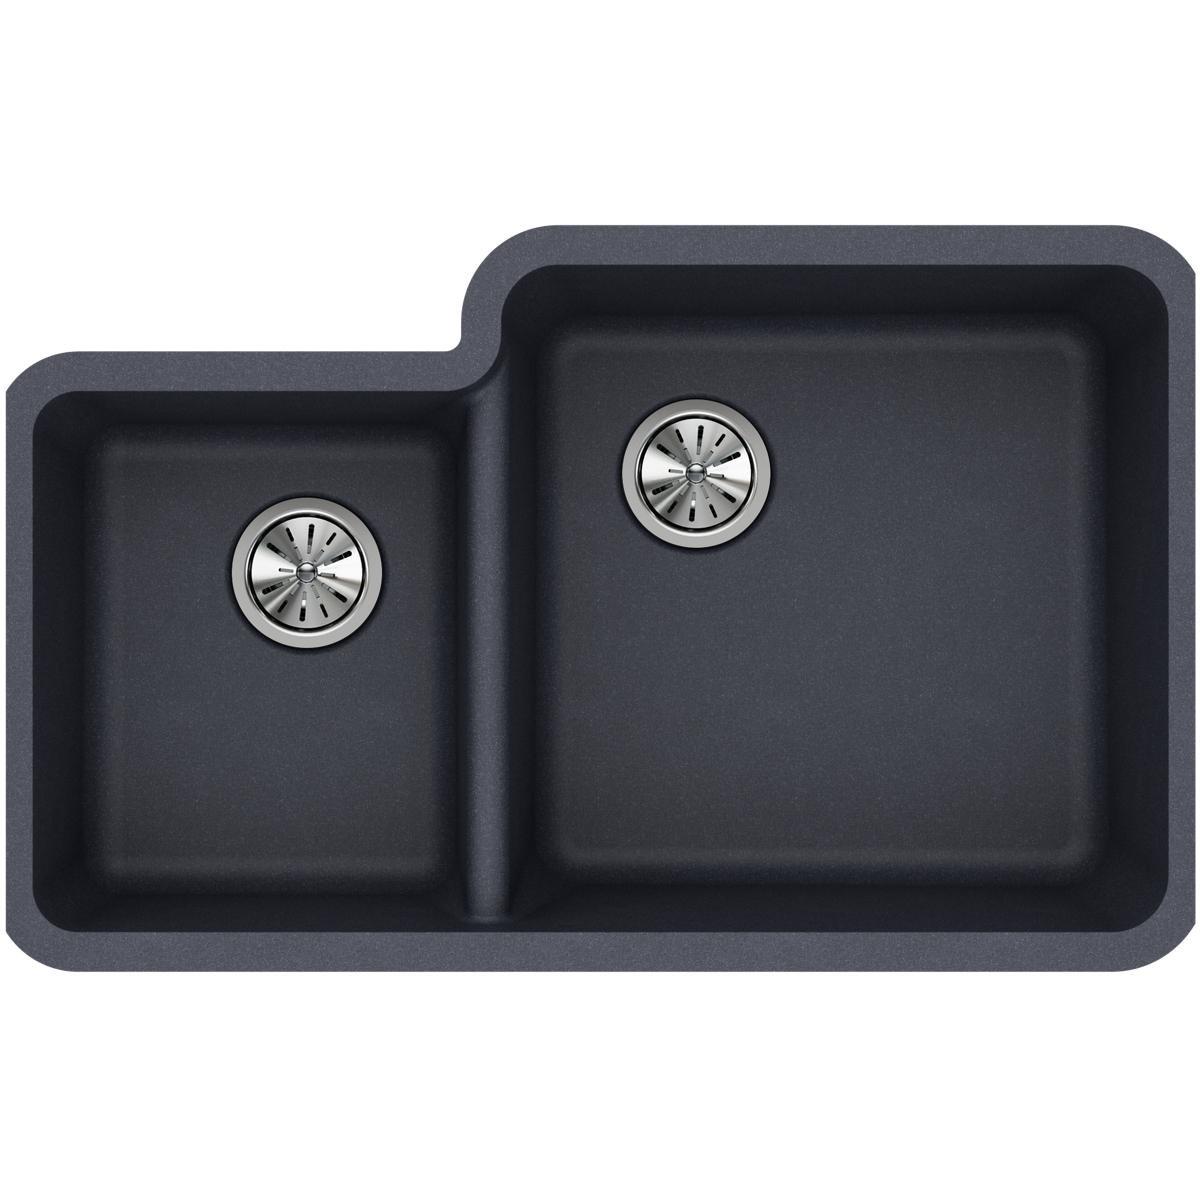 Elkay Quartz Classic ELGOU3321LGY0 Dusk Gray Offset 40/60 Double Bowl Undermount Sink